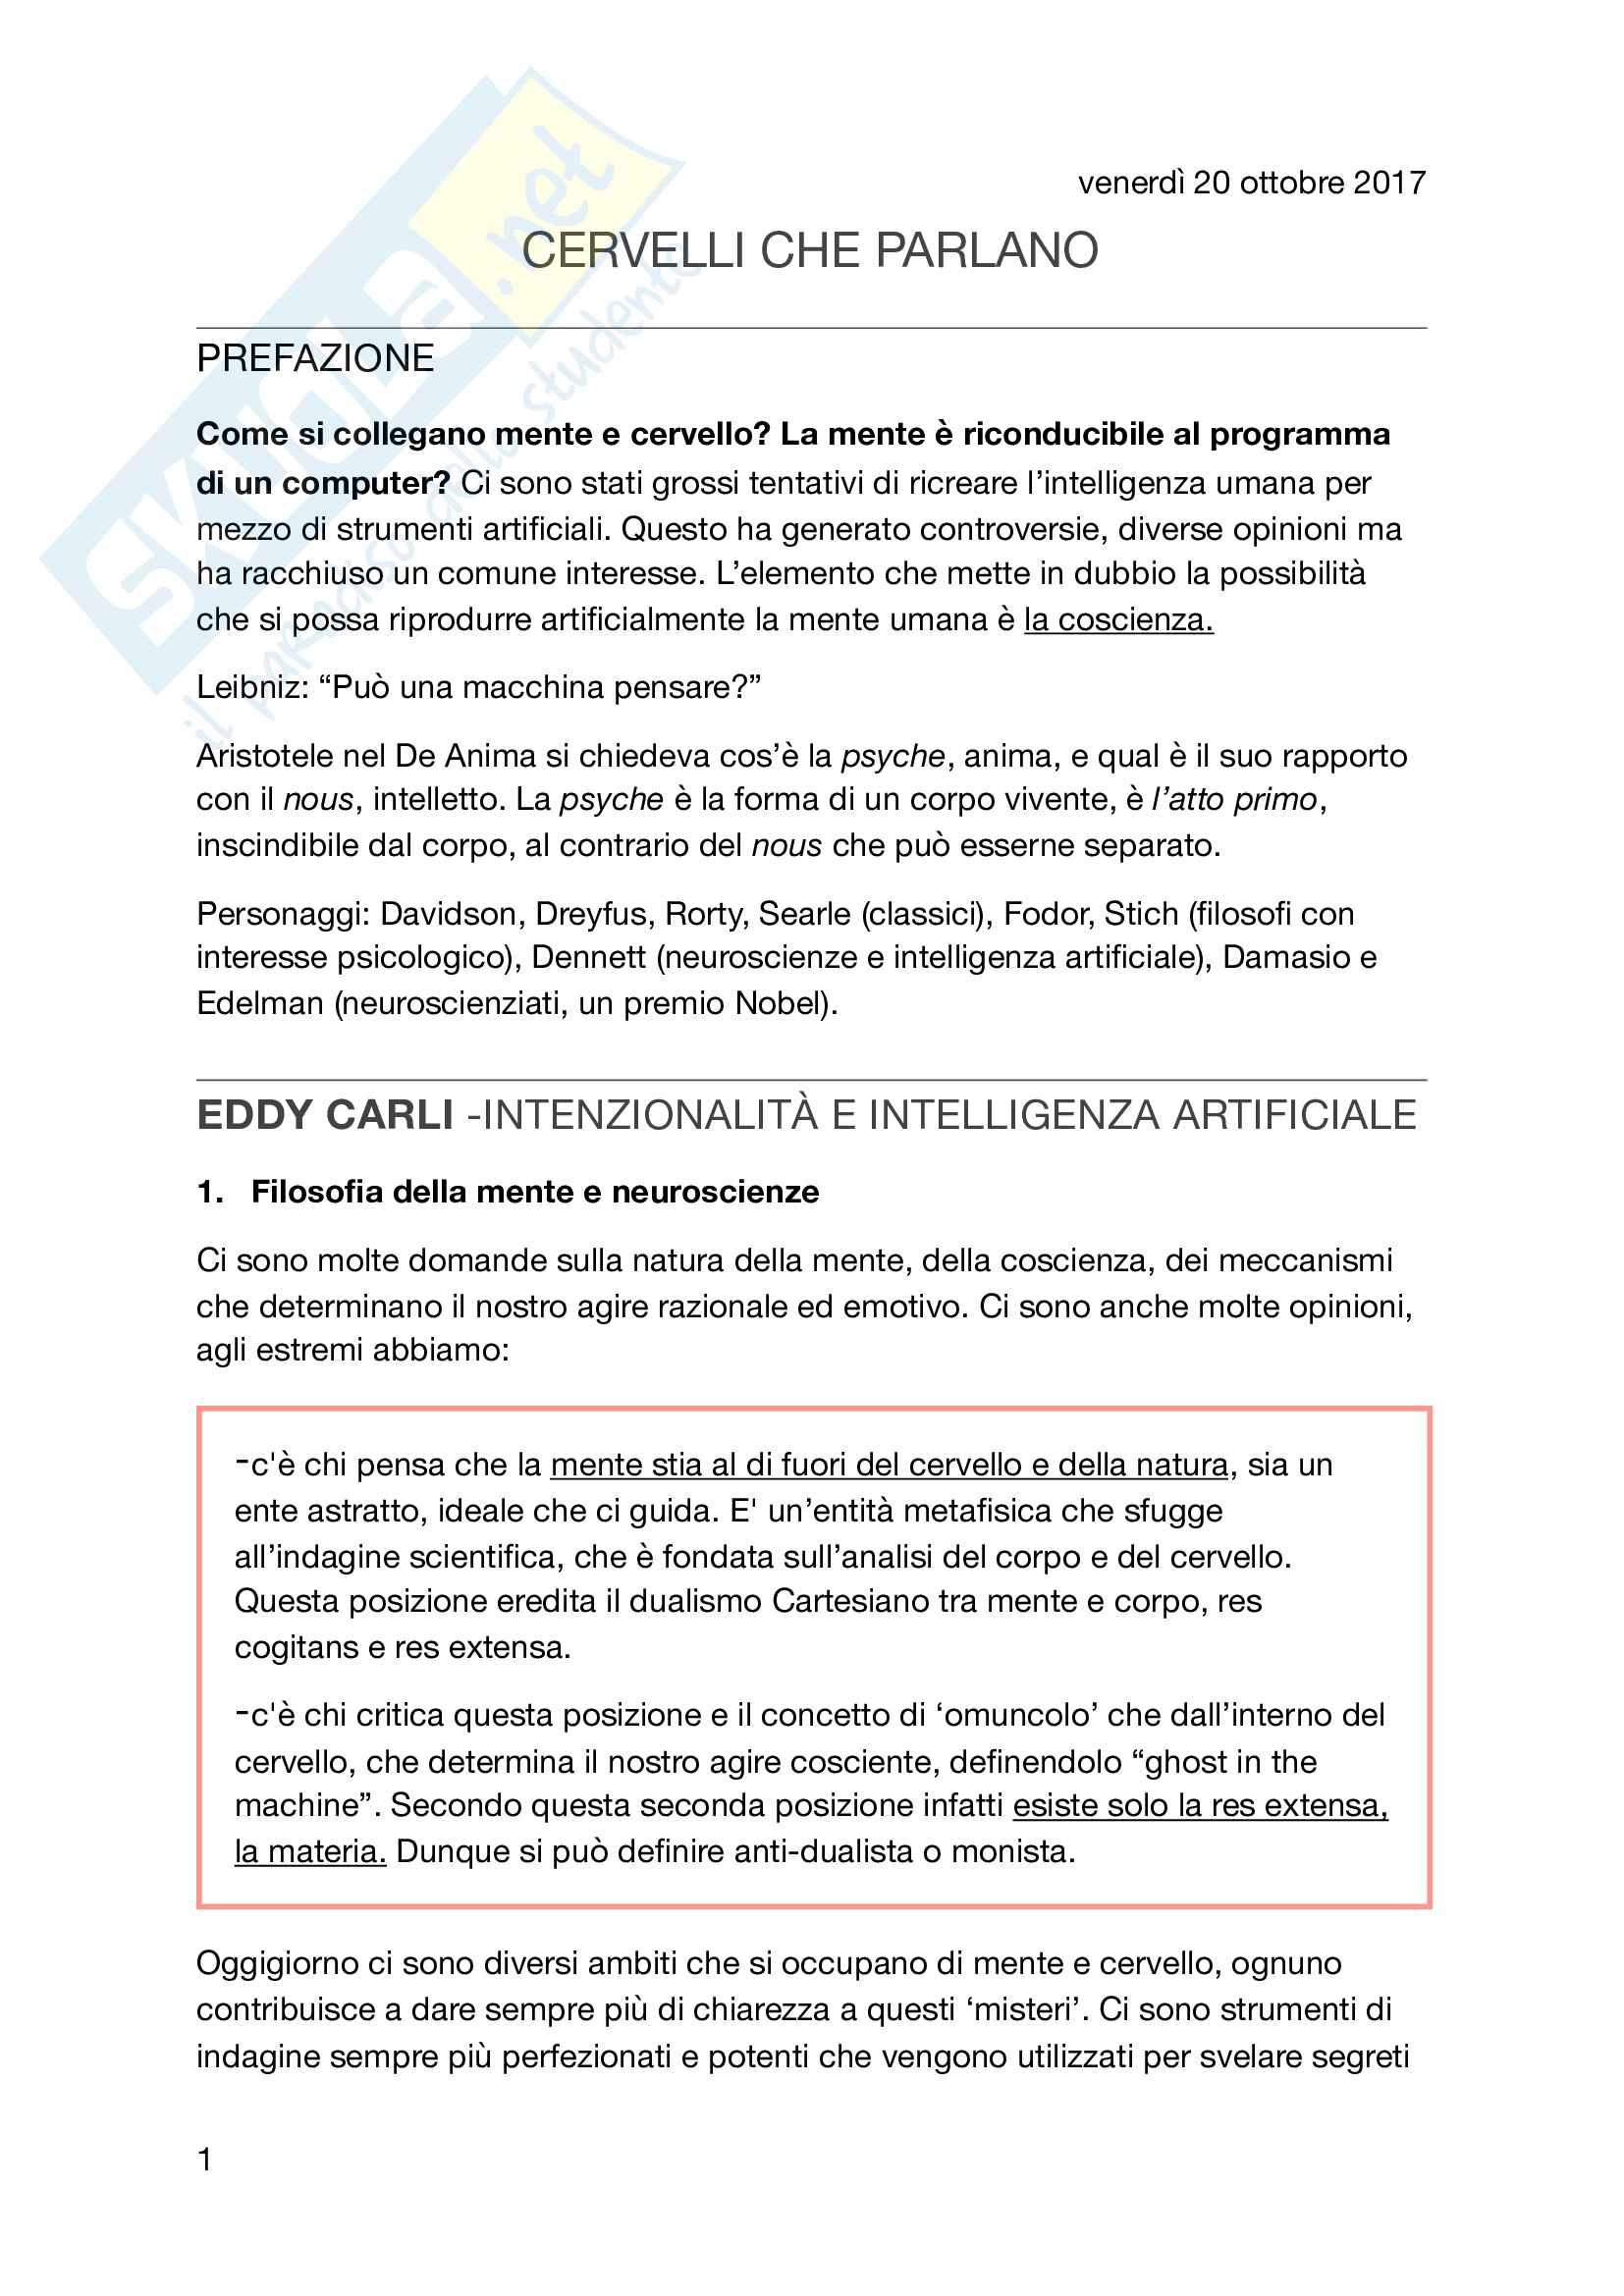 Spiegazione chiara e completa dell'opinione di Carli sull'IA